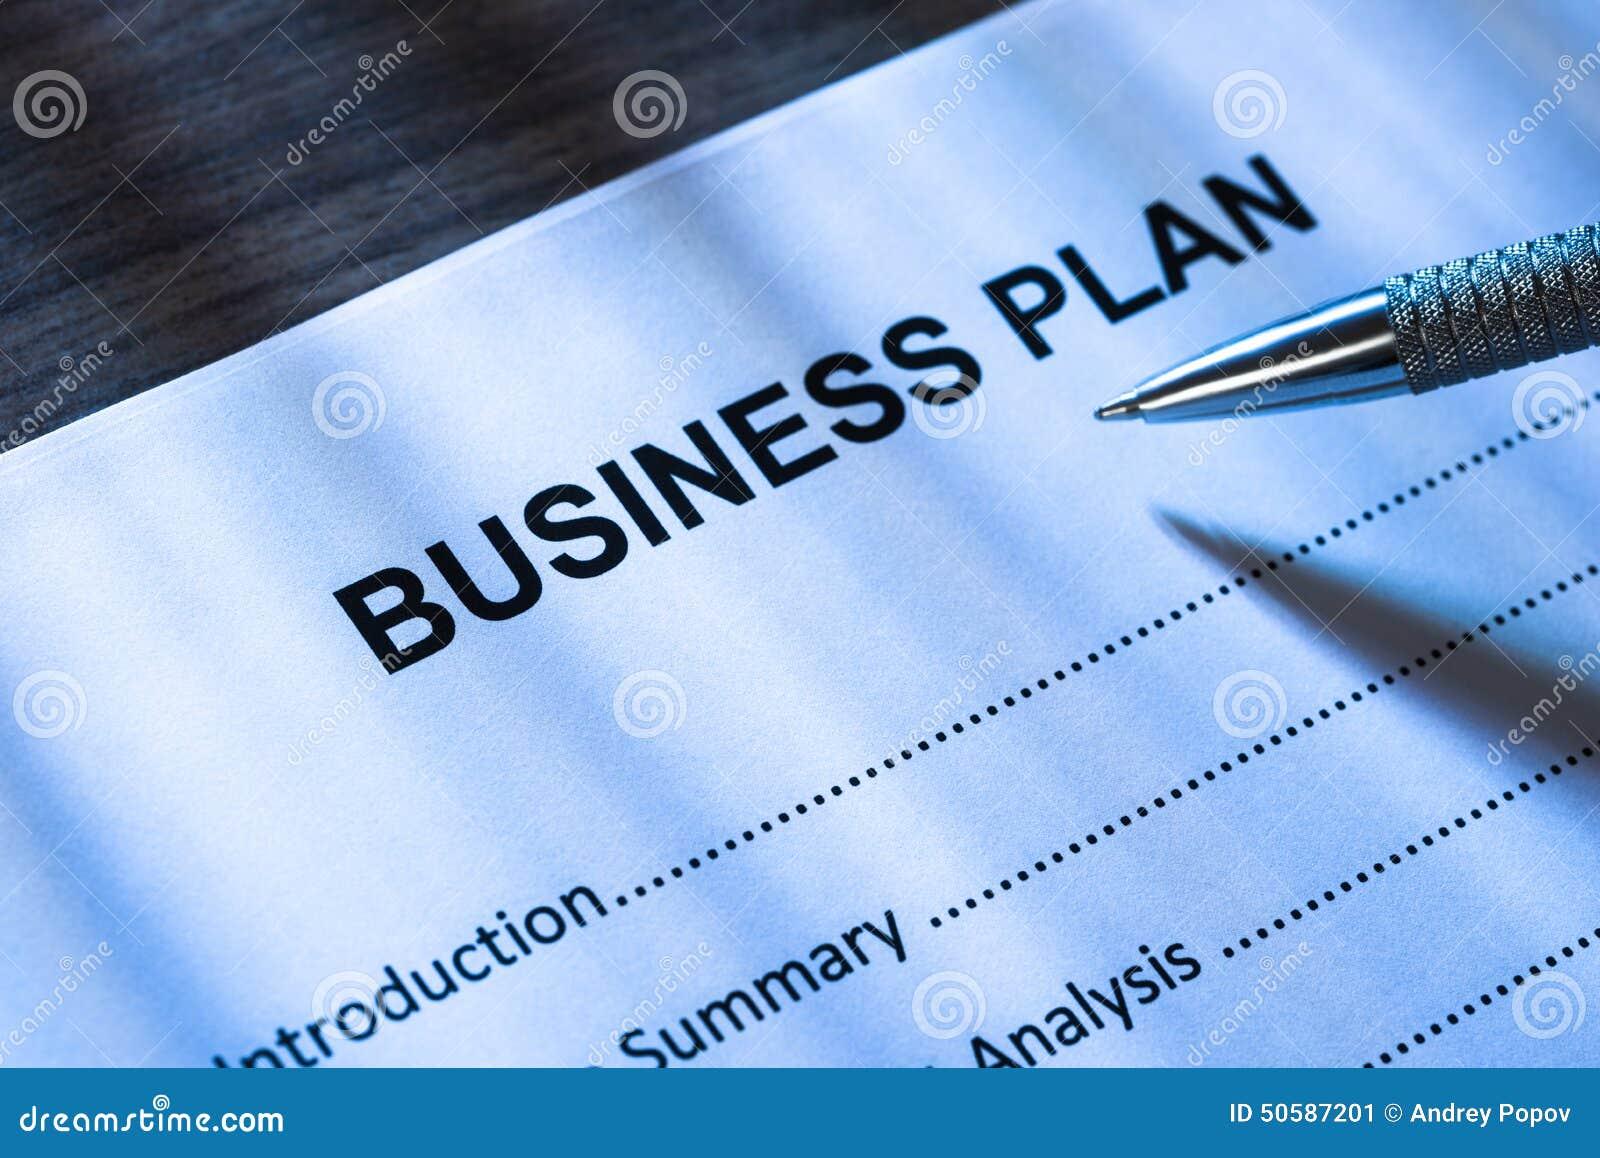 Бизнес план ручки бизнес план заправки скачать